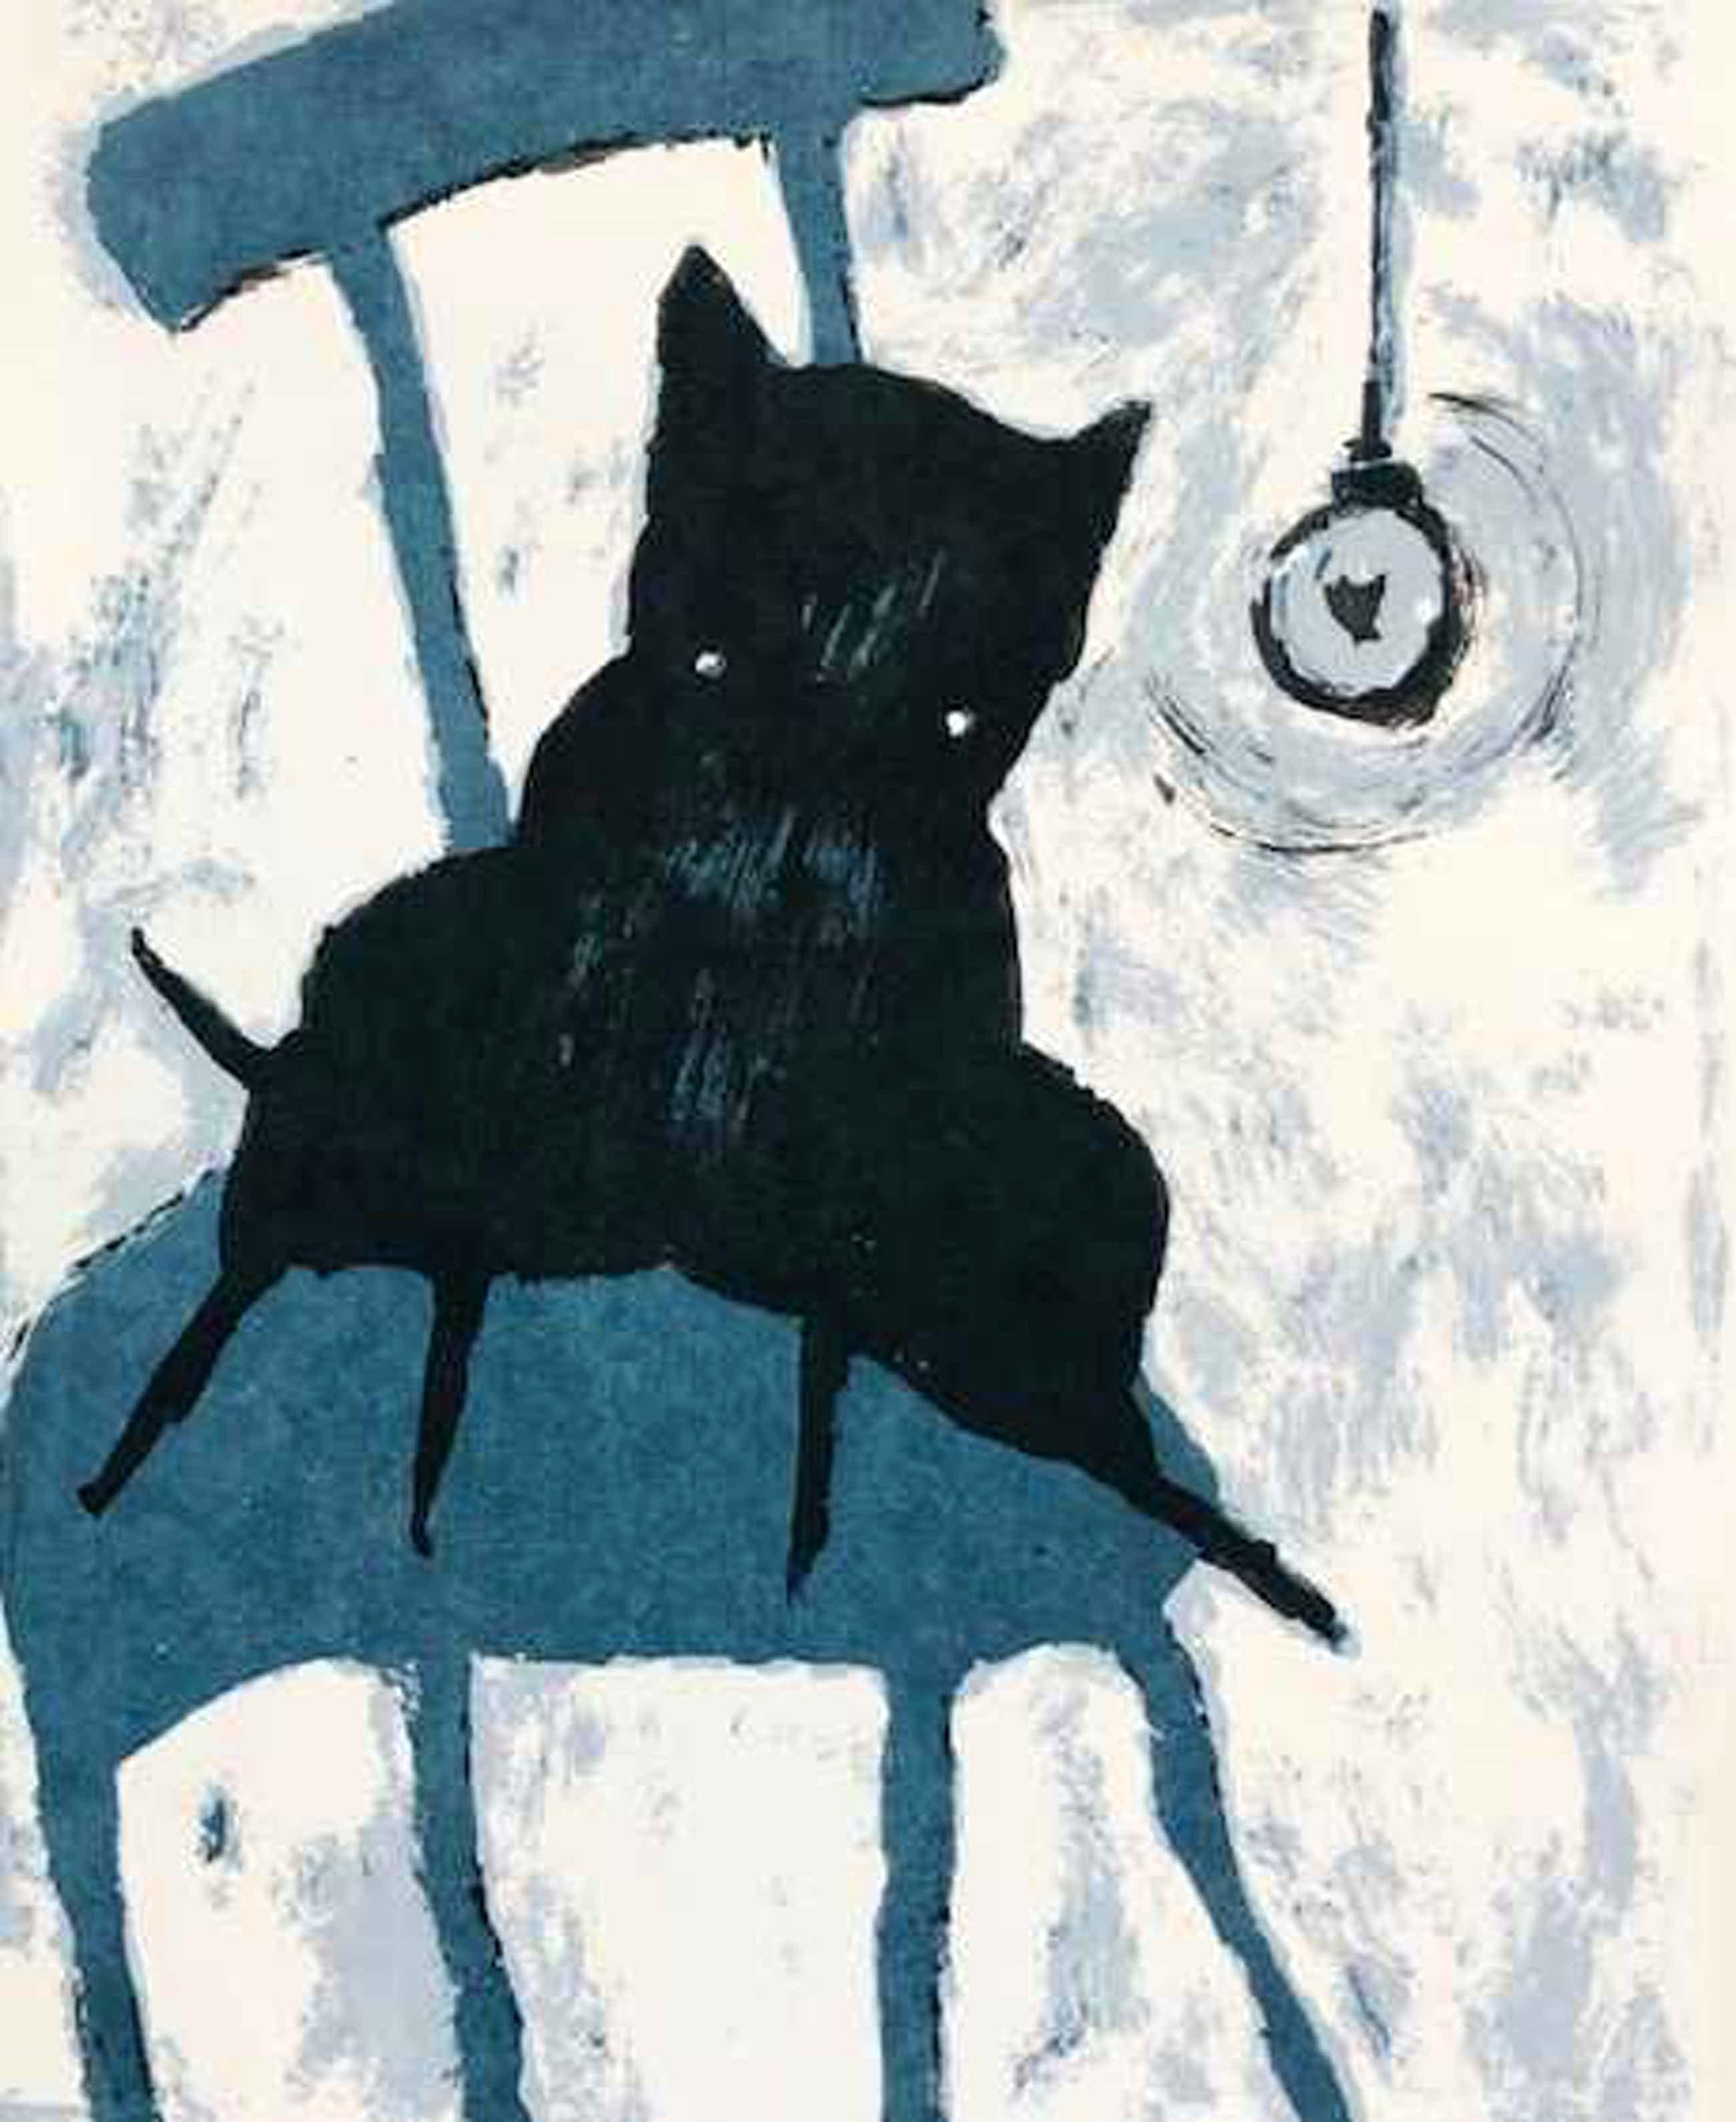 Peter Bastiaanssen - Hond op stoel II kopen? Bied vanaf 45!